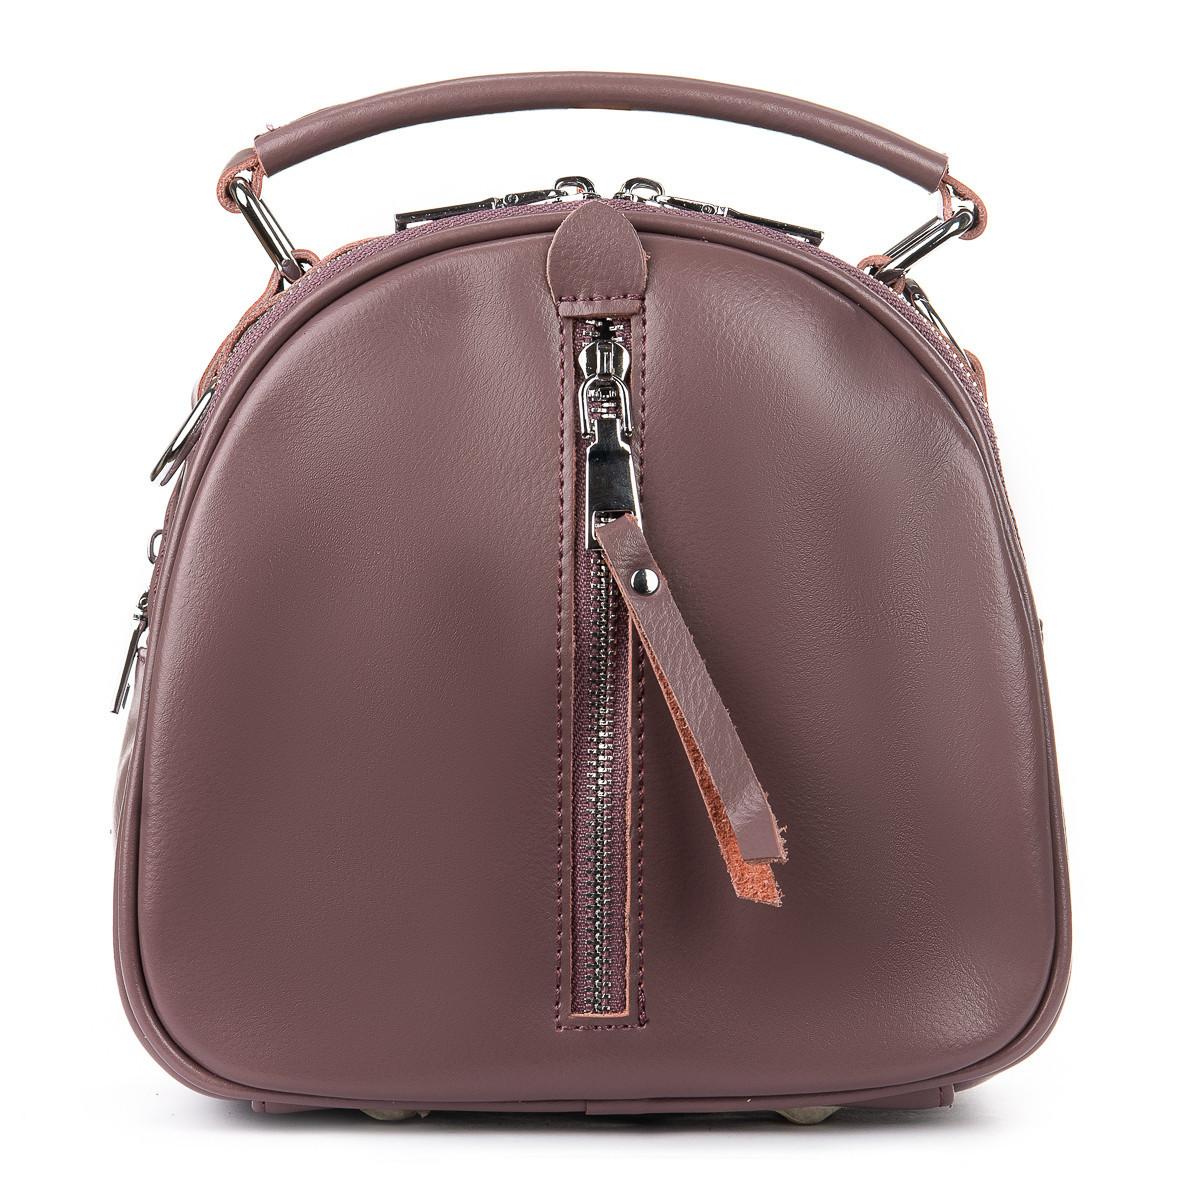 Рюкзак трансформер (сумка) женский натуральная кожа в цвете purple